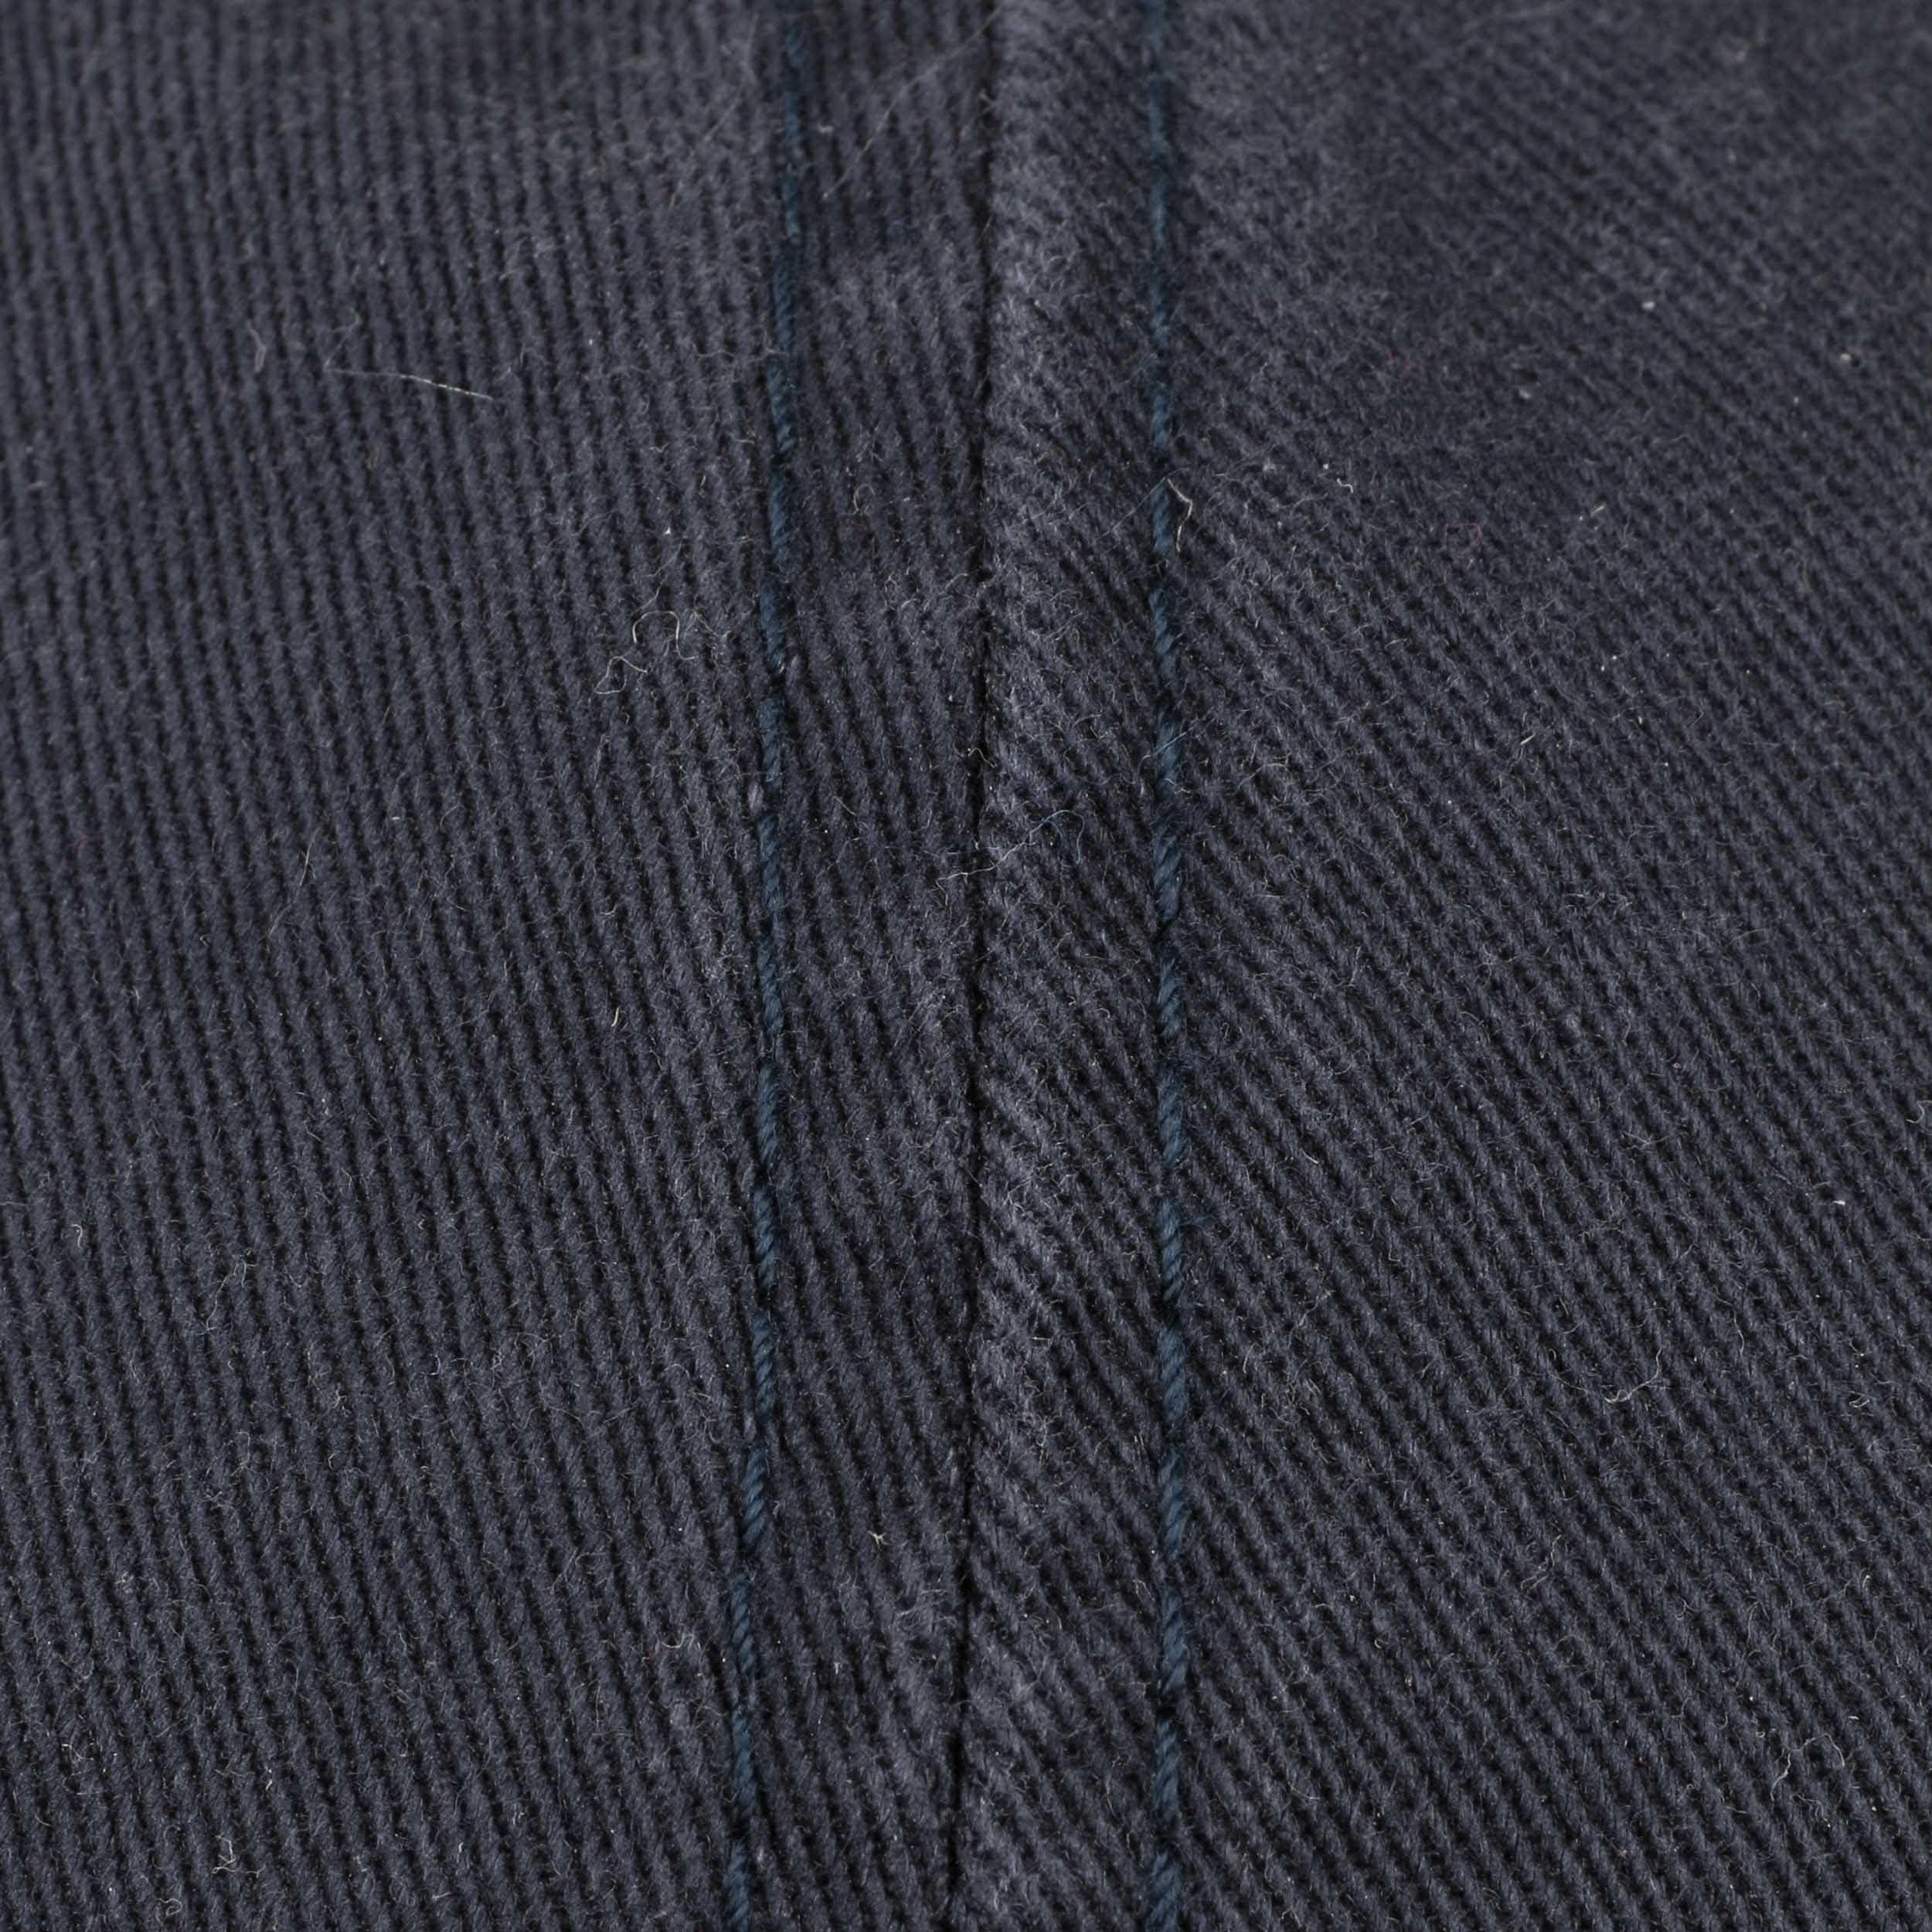 Ocala Baumwoll Dockercap dunkelblau